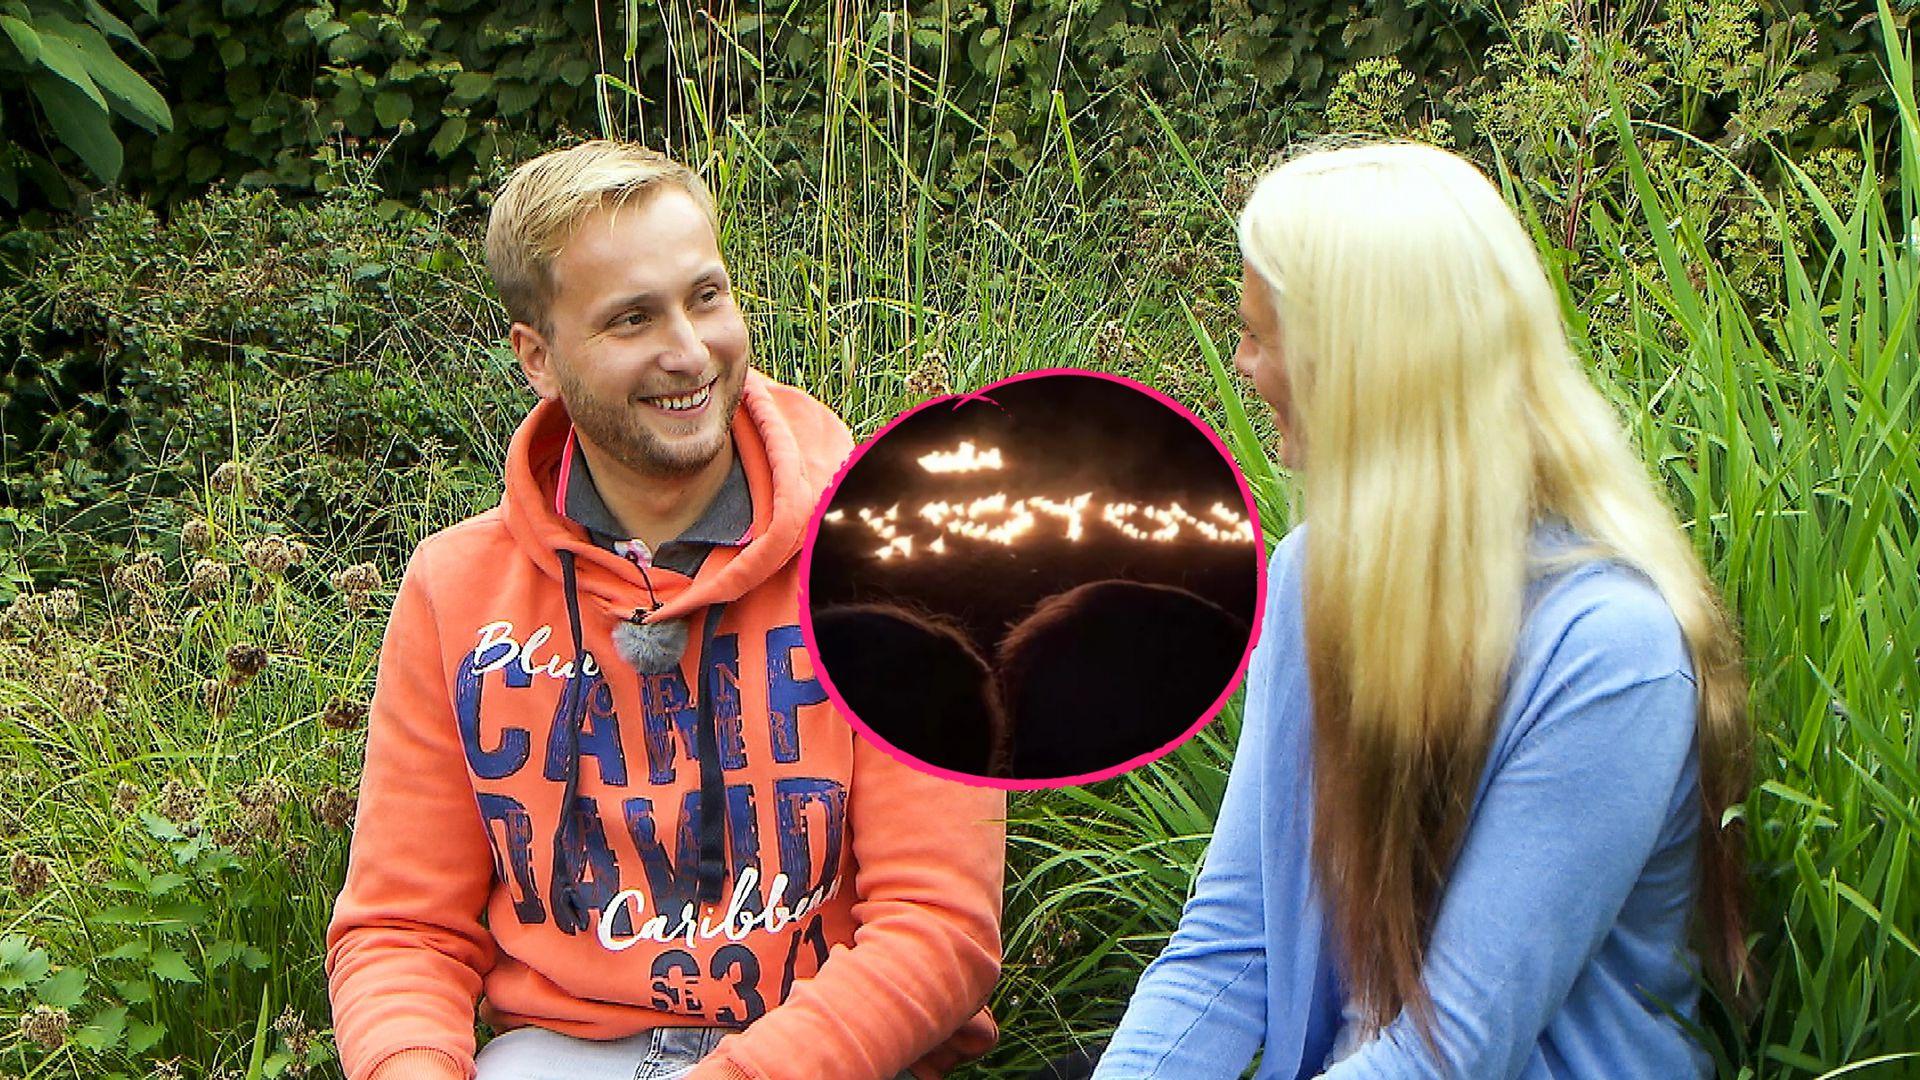 -I-Love-You-Neues-Indiz-f-r-Denise-und-Nils-Bauern-Liebe-